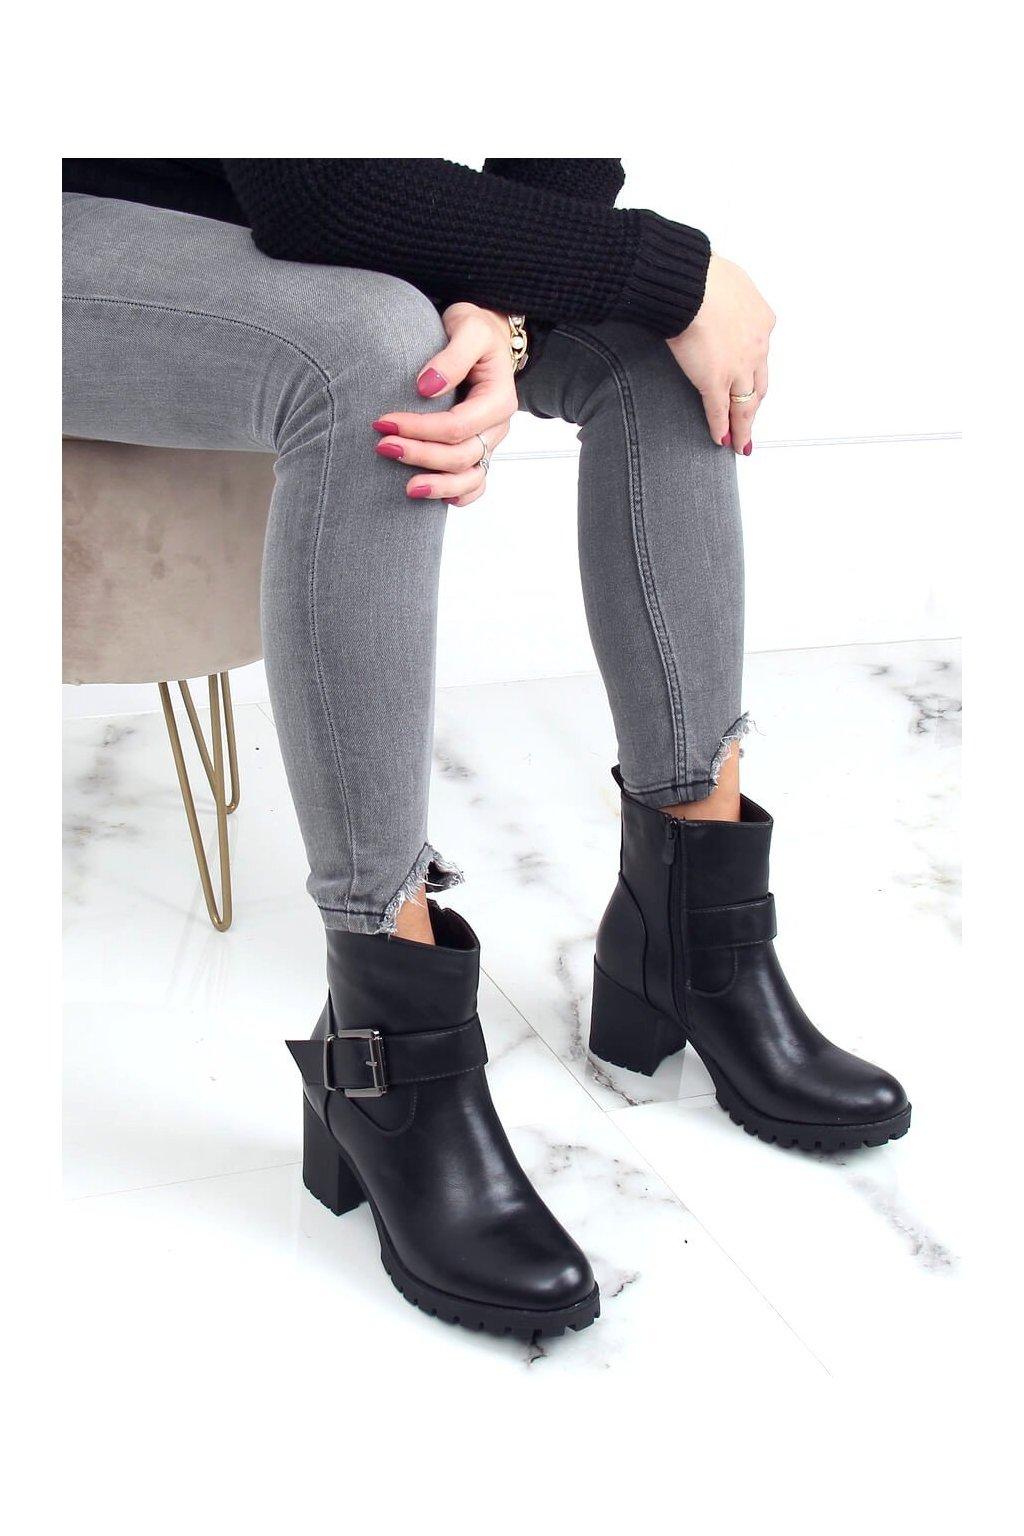 Dámske členkové topánky čierne na širokom podpätku 7956-GA